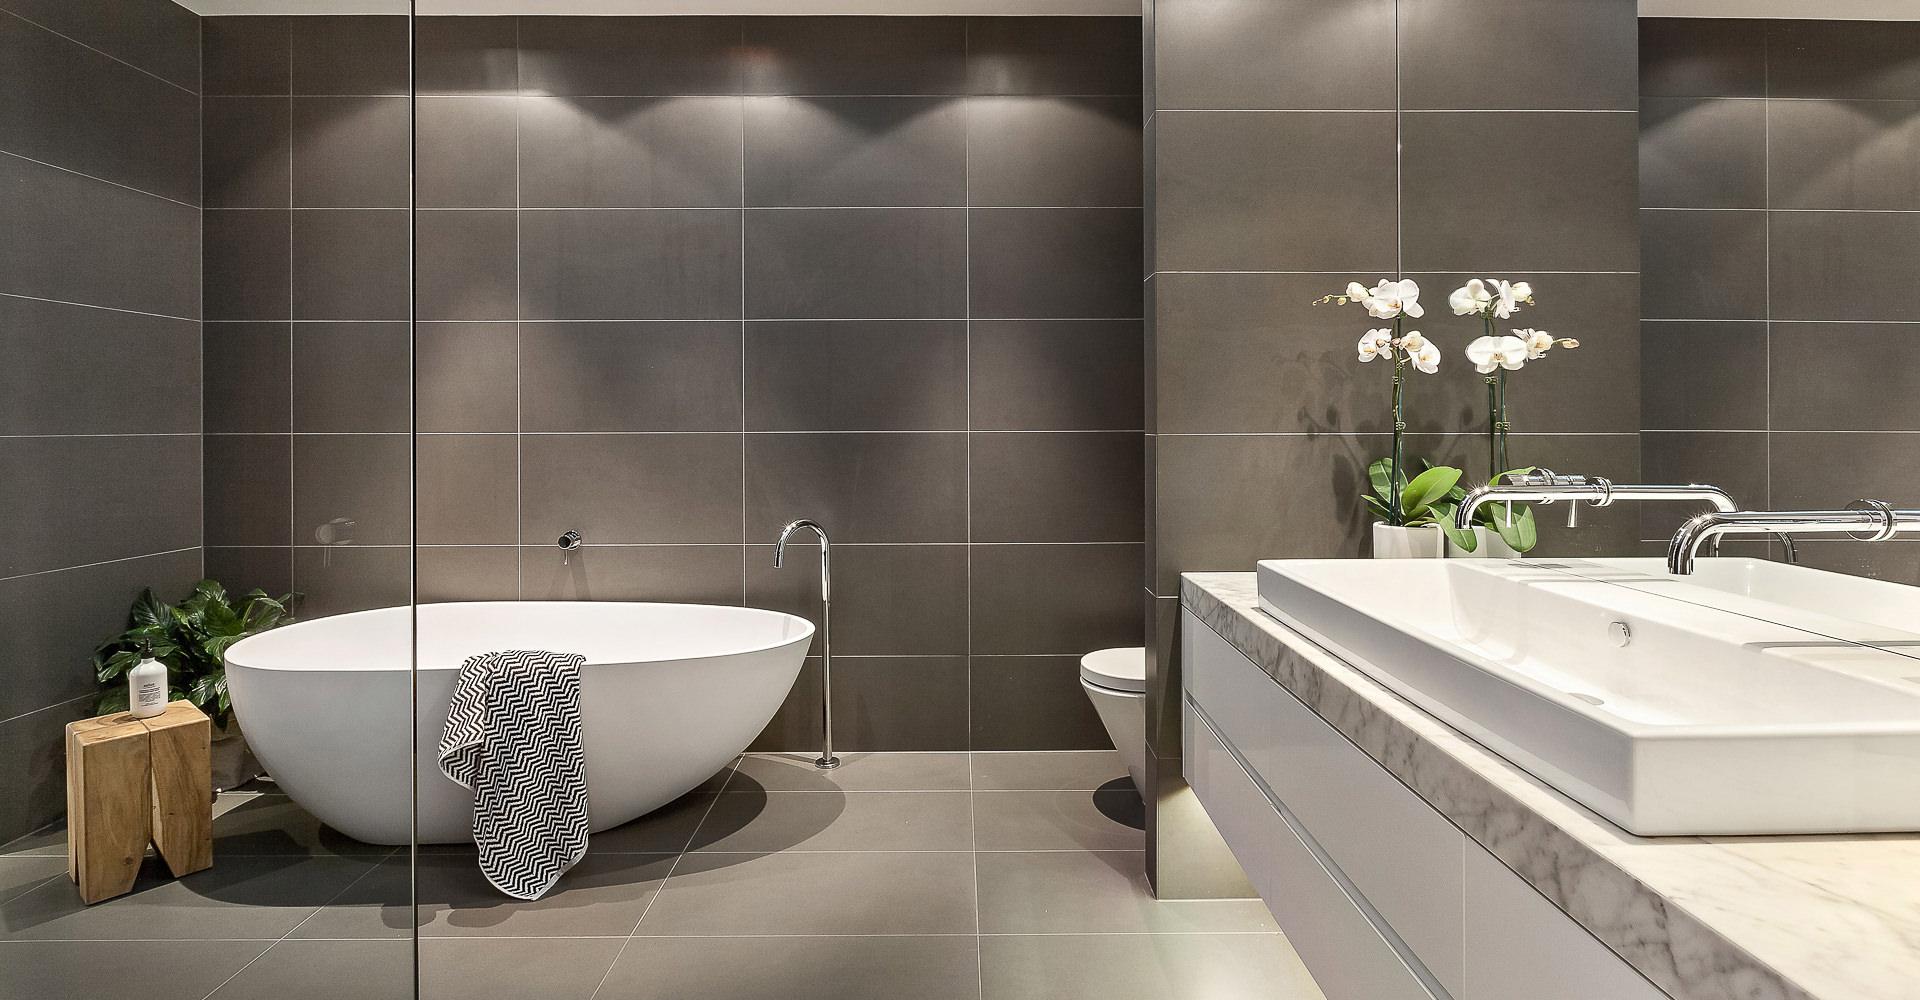 badkamer ontwerpen - installatiebedrijf deboots Noord-Holland